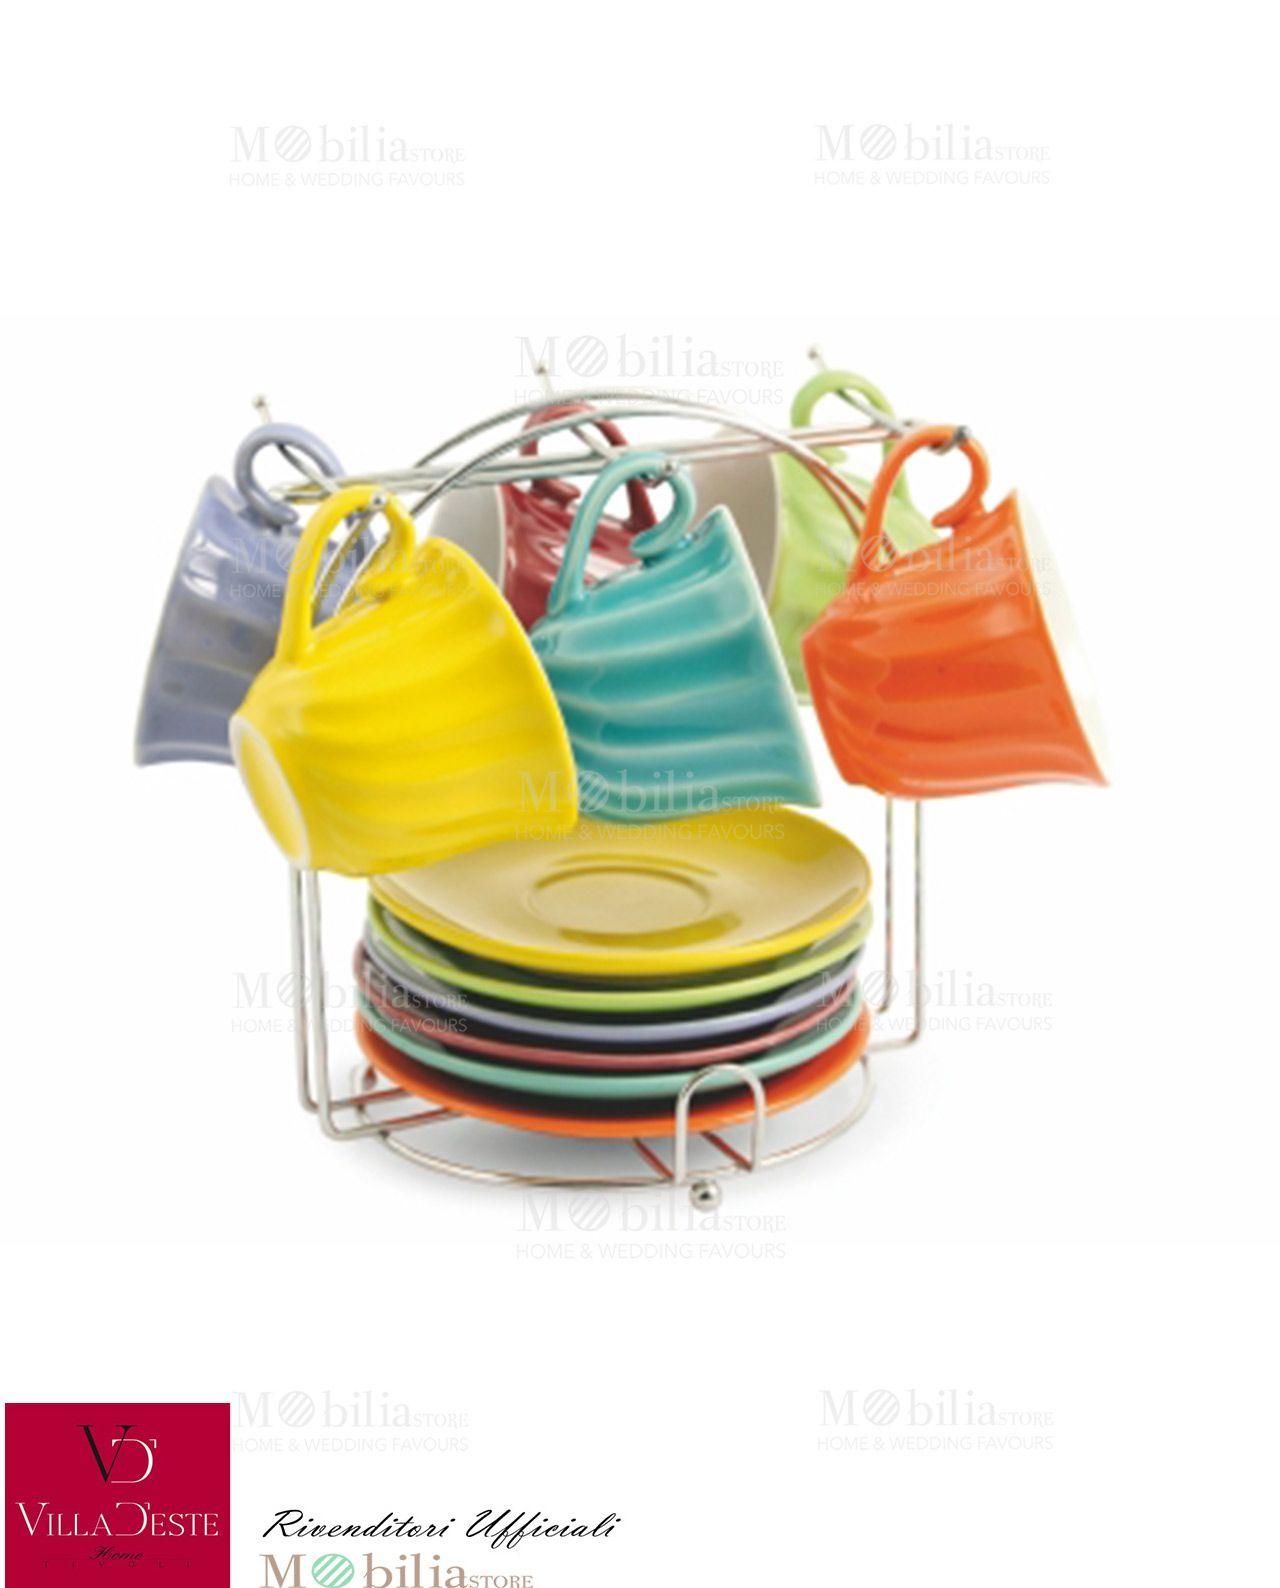 Set di 6 Tazzine Caffè Twister Villa d\'Este assortite in vari colori ...